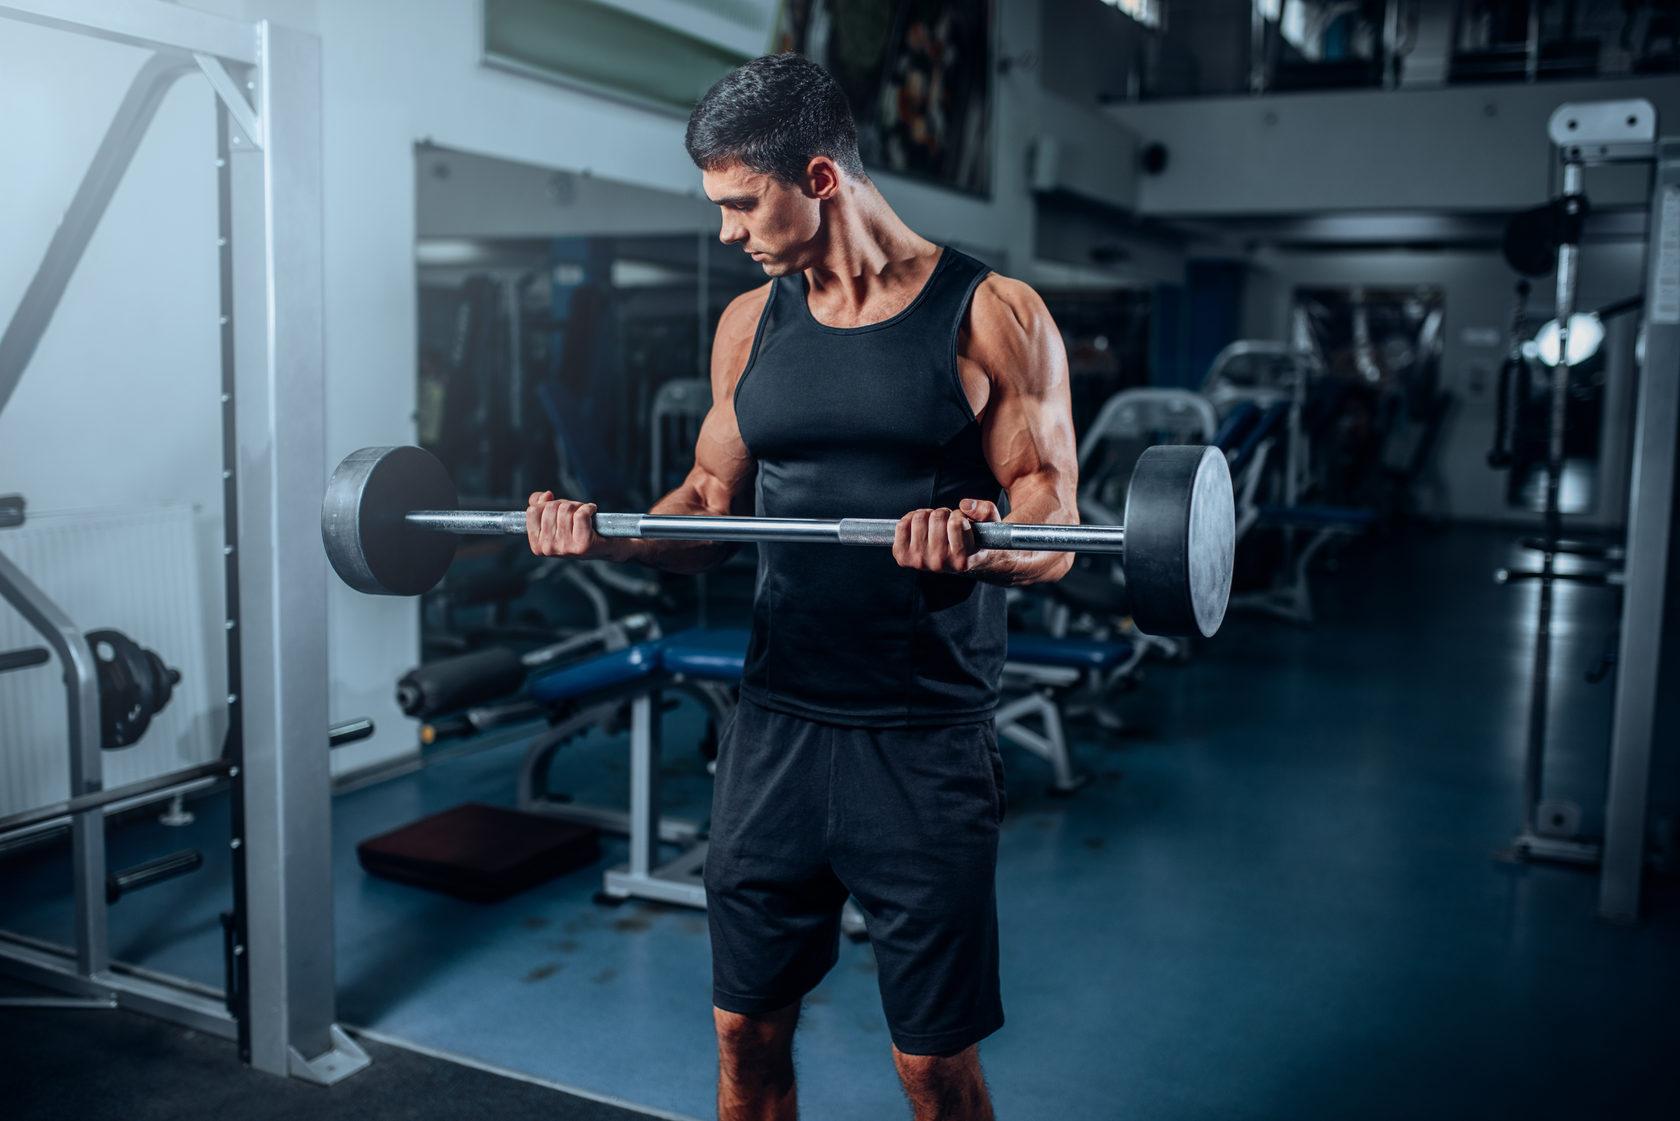 Направление в сфере фитнеса